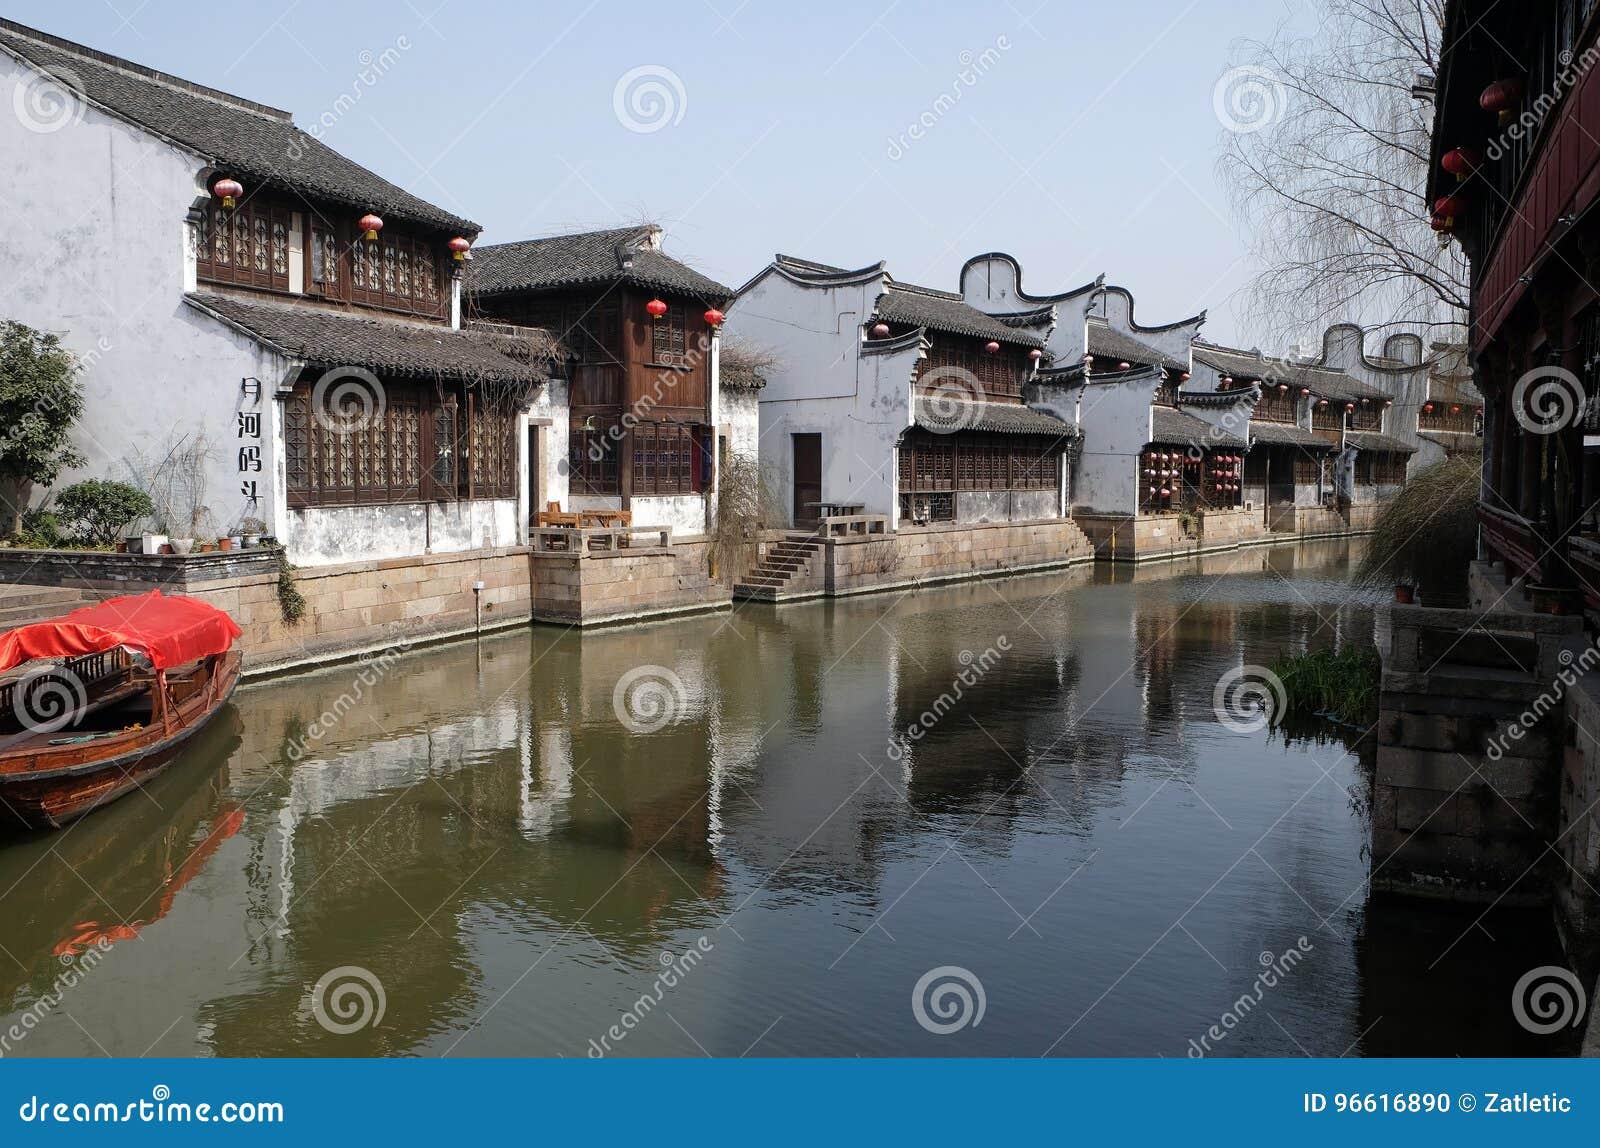 Jiaxing zhejiang china